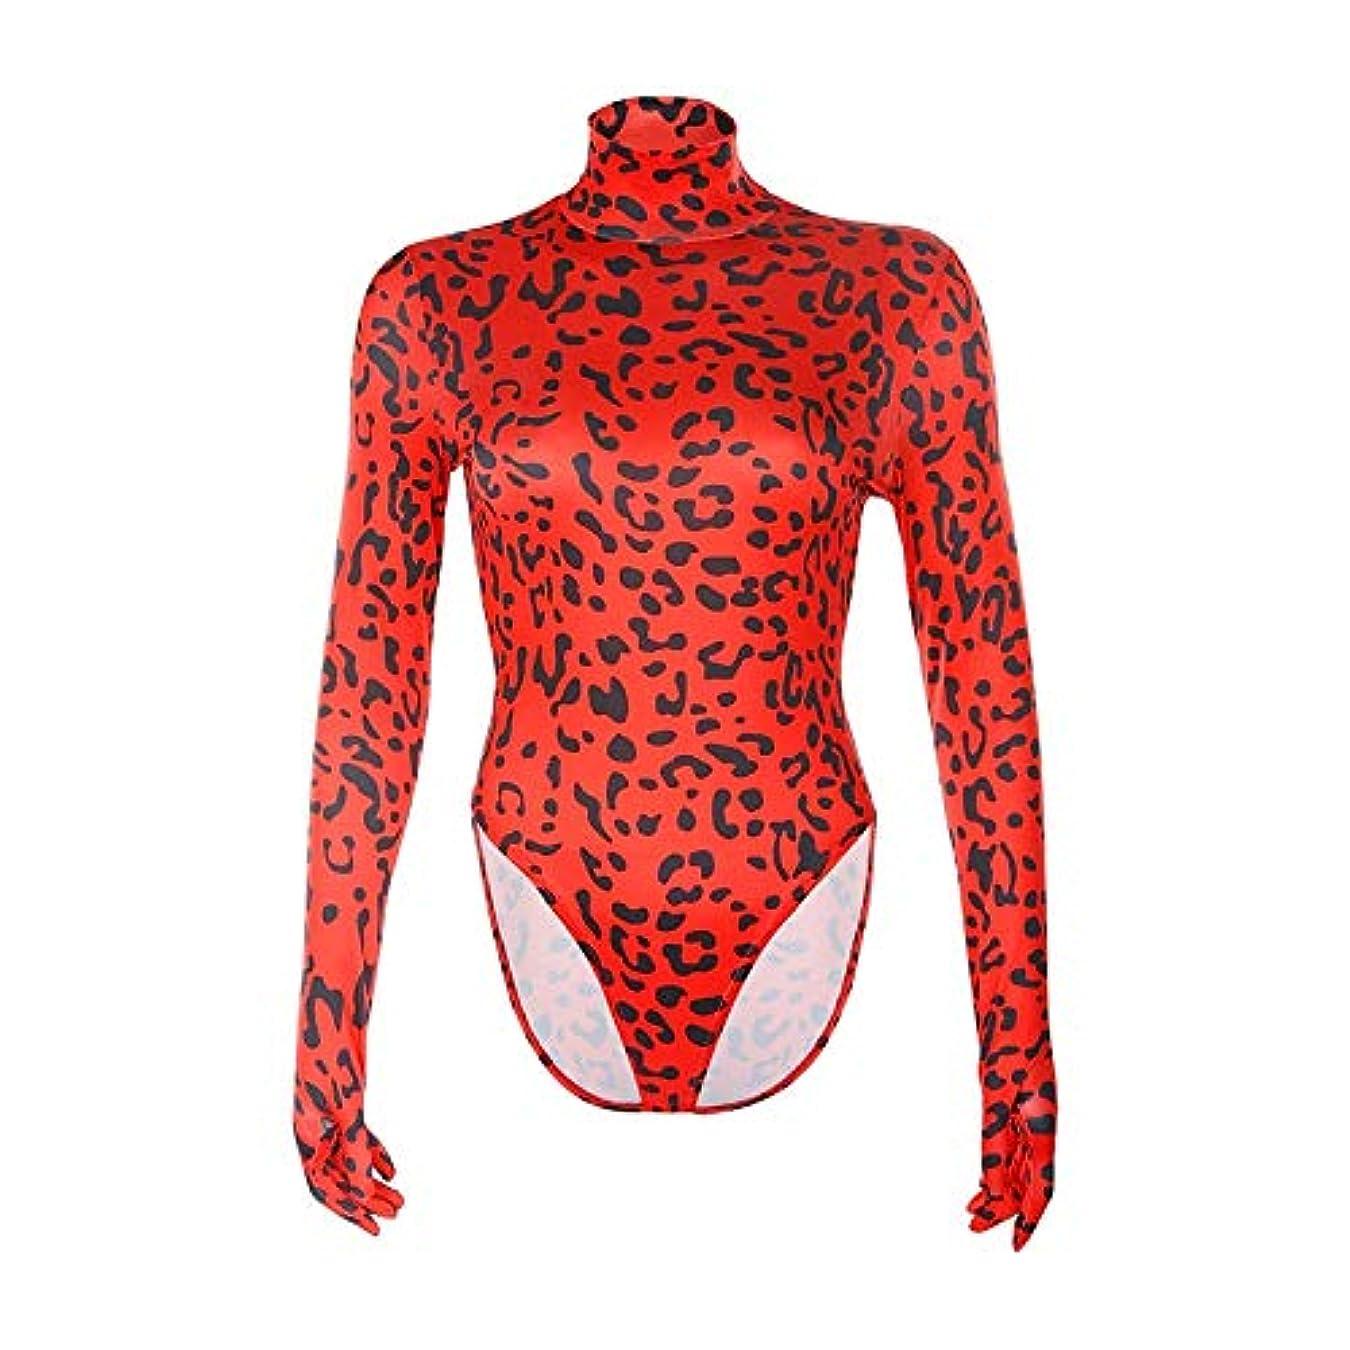 自伝ラフト悲観的アニマルプリントタートルネック冬のボディスーツ長袖手袋をしレイヴパーティーのボディスリムボディコンボディースーツ秋の服 (Color : Red, Size : Medium)